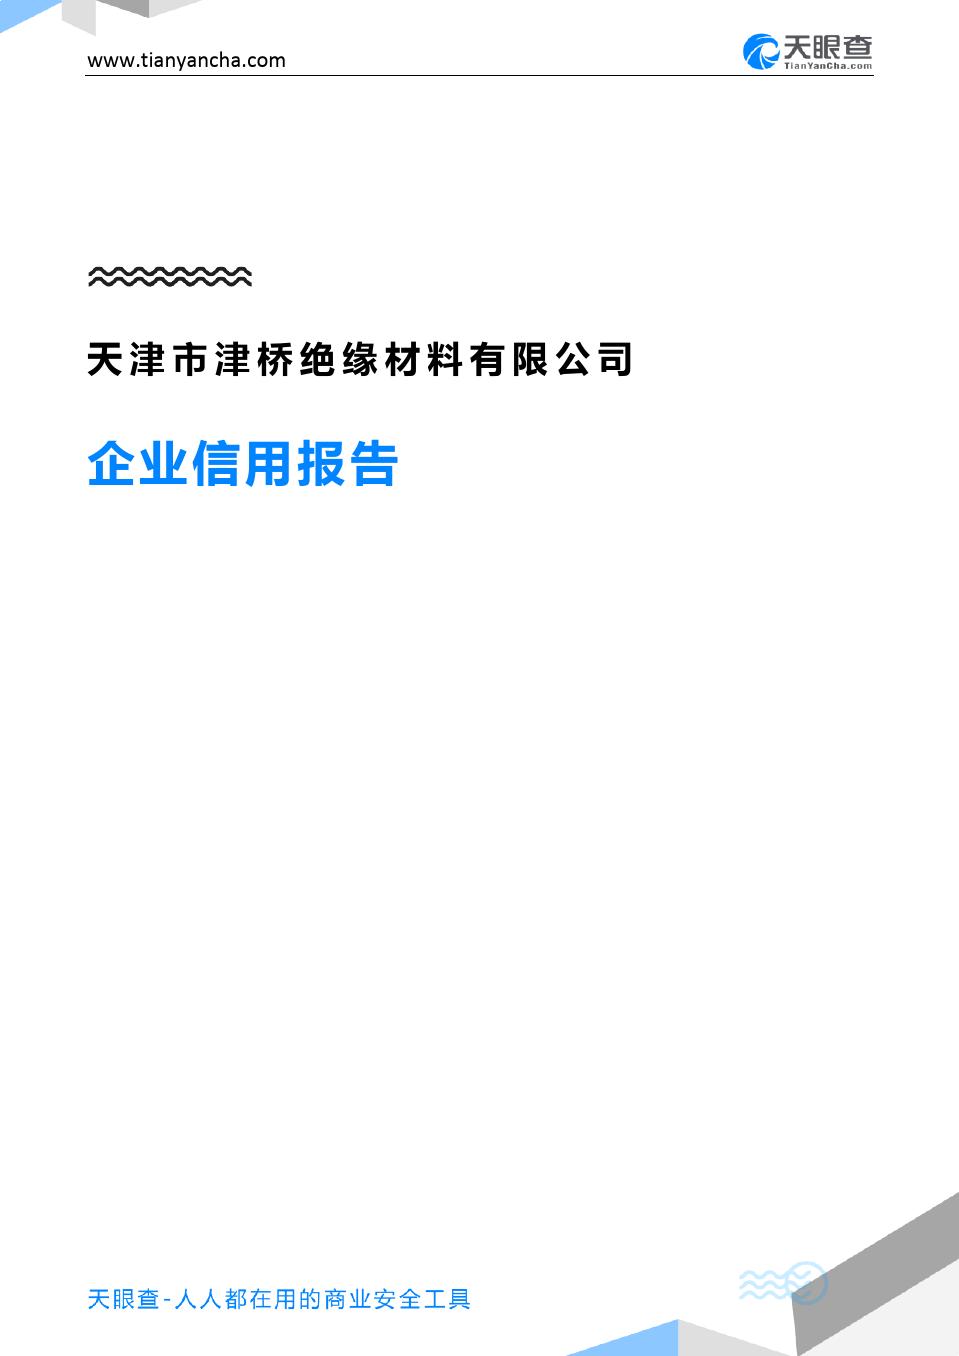 天津市津桥绝缘材料有限公司(企业信用报告)- 天眼查